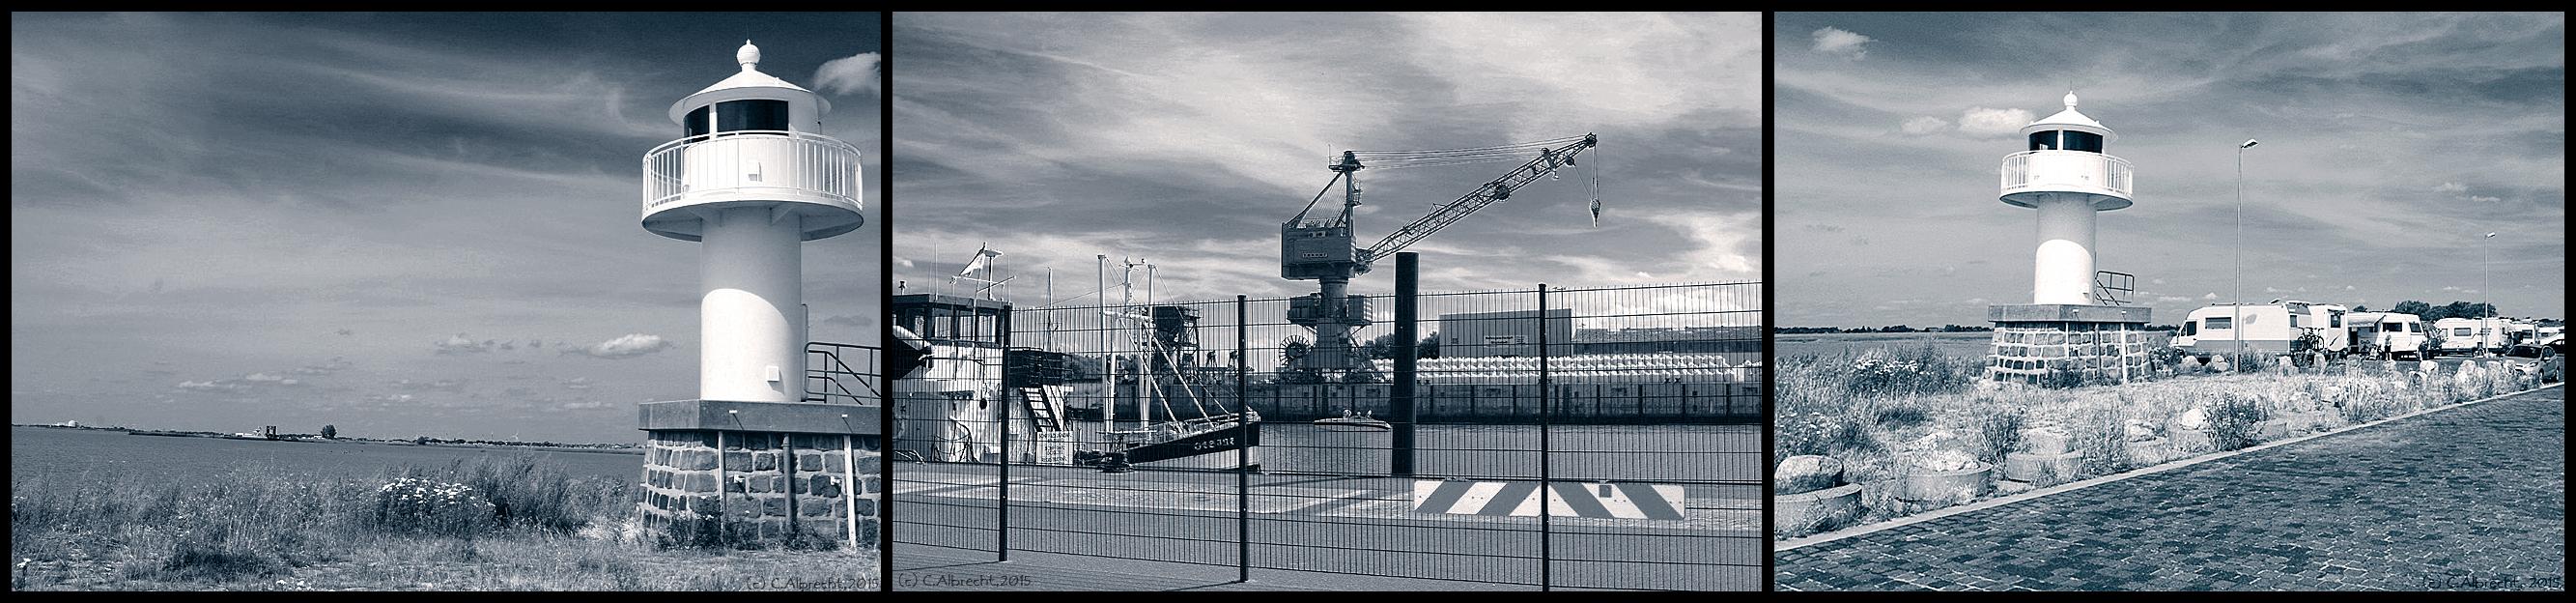 Außenhafen